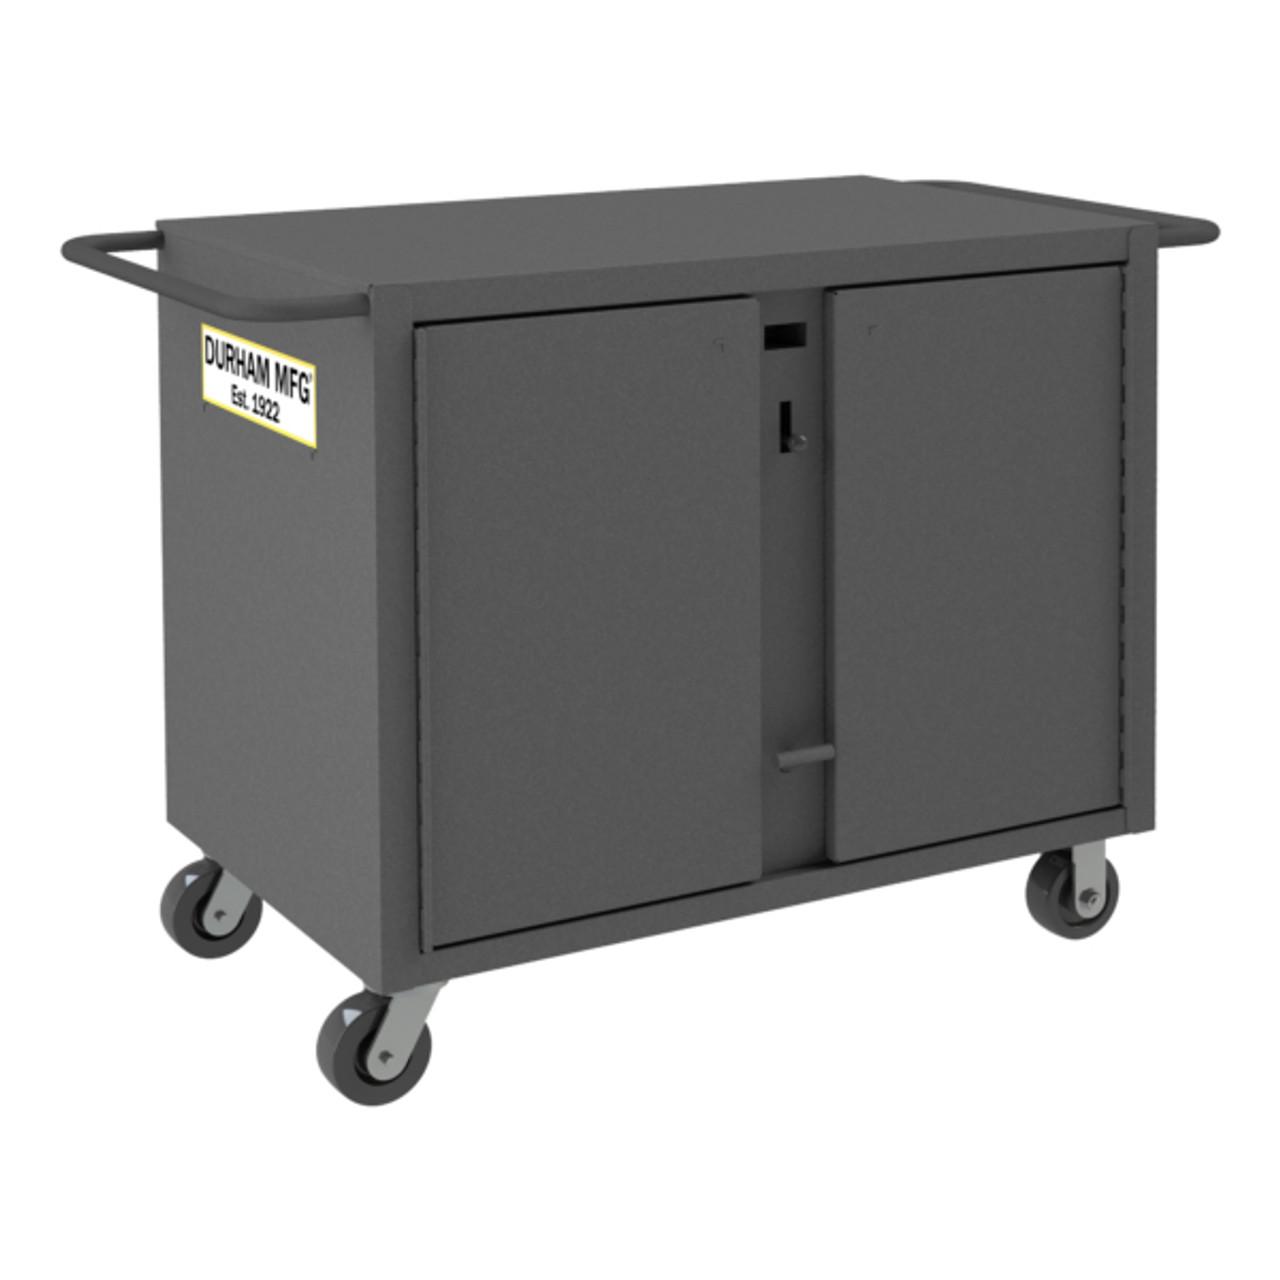 Original Durham Mobile Jobsite Cabinet, 14 Gauge Steel, 26-7/8 x 55-3/4 x 39-7/8, Gray